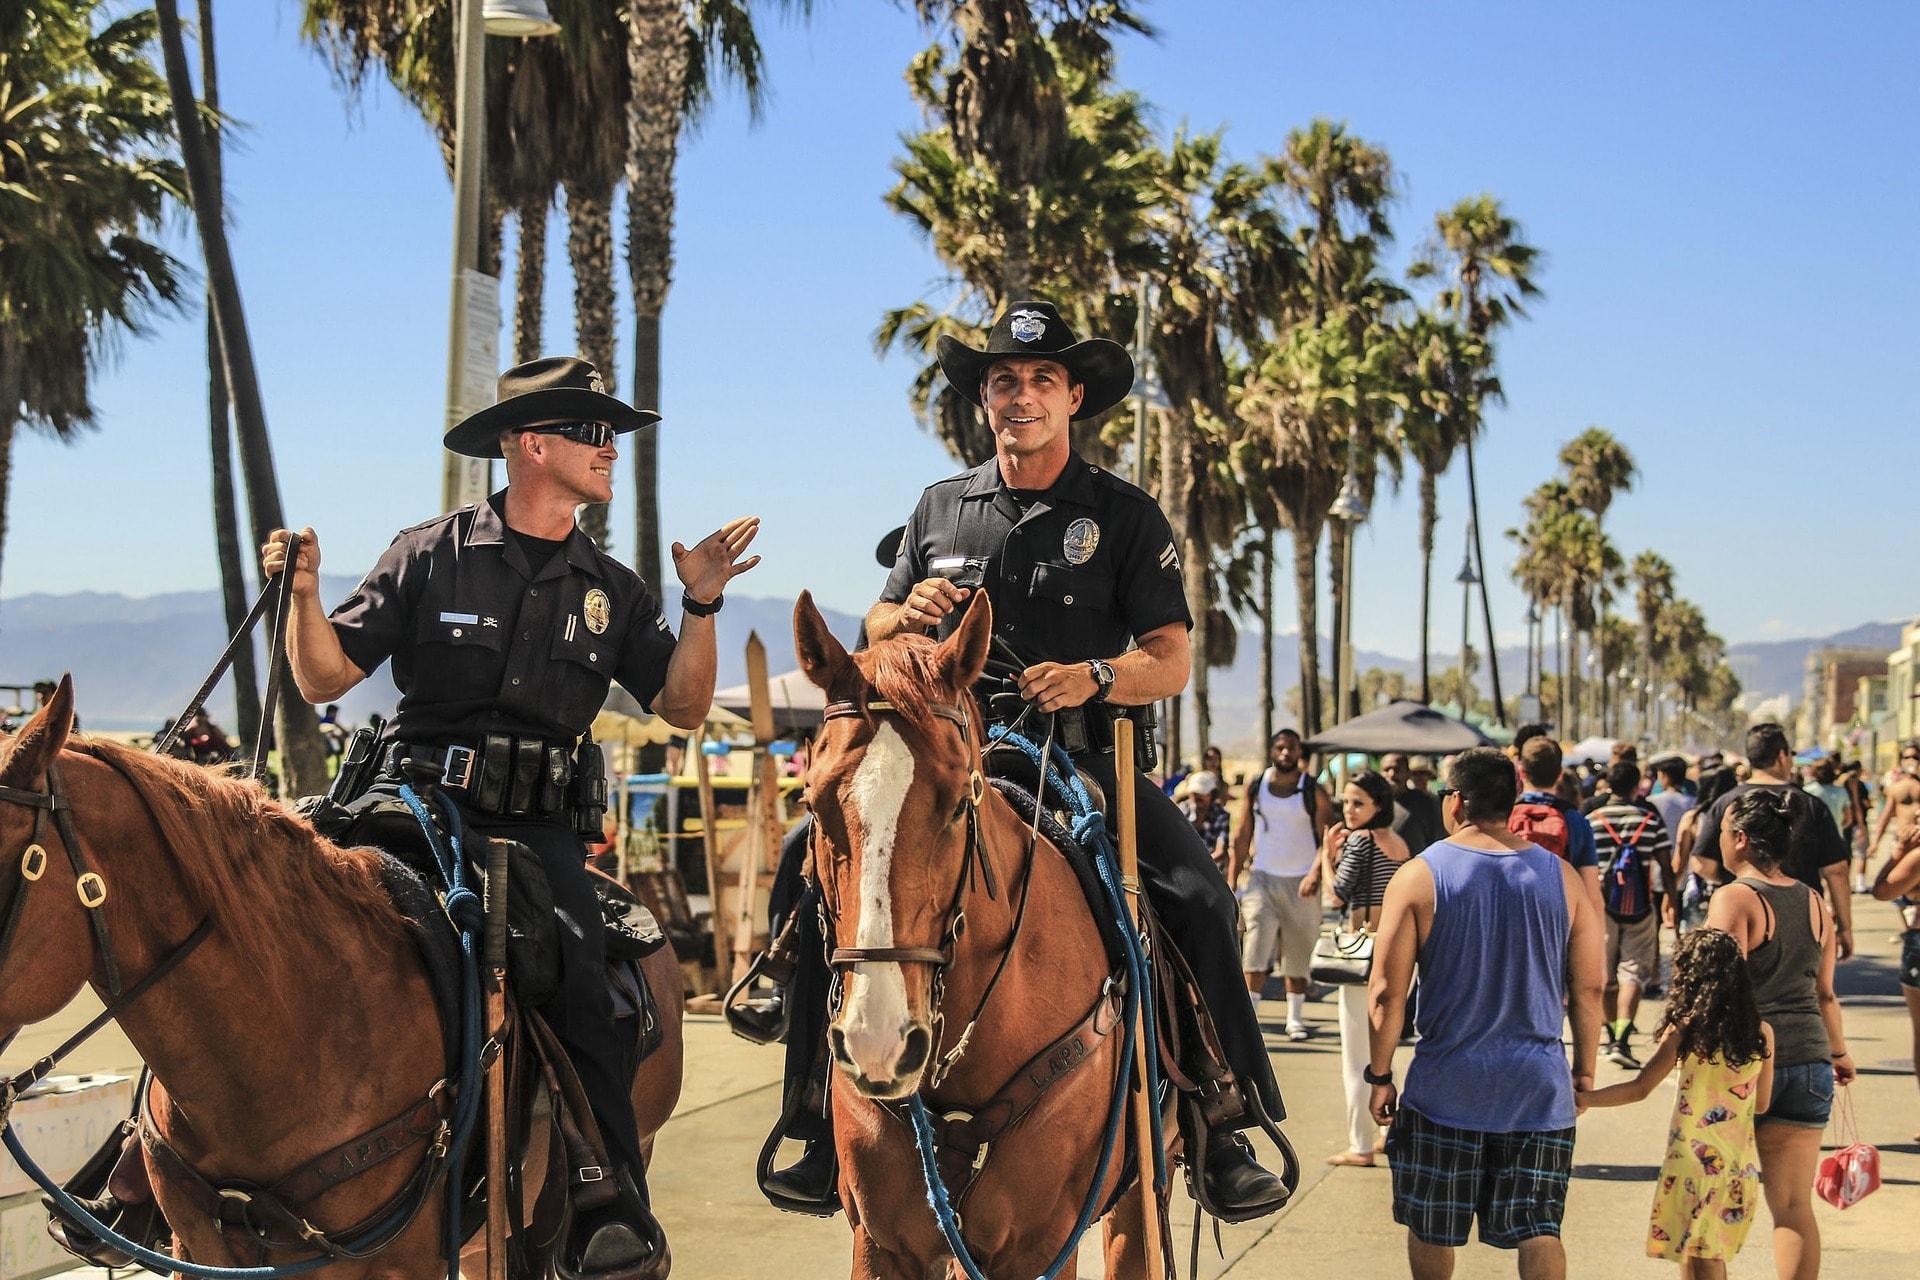 Biztonság a strandon - nem lehet csak a rendőrségre hagyatkozni!